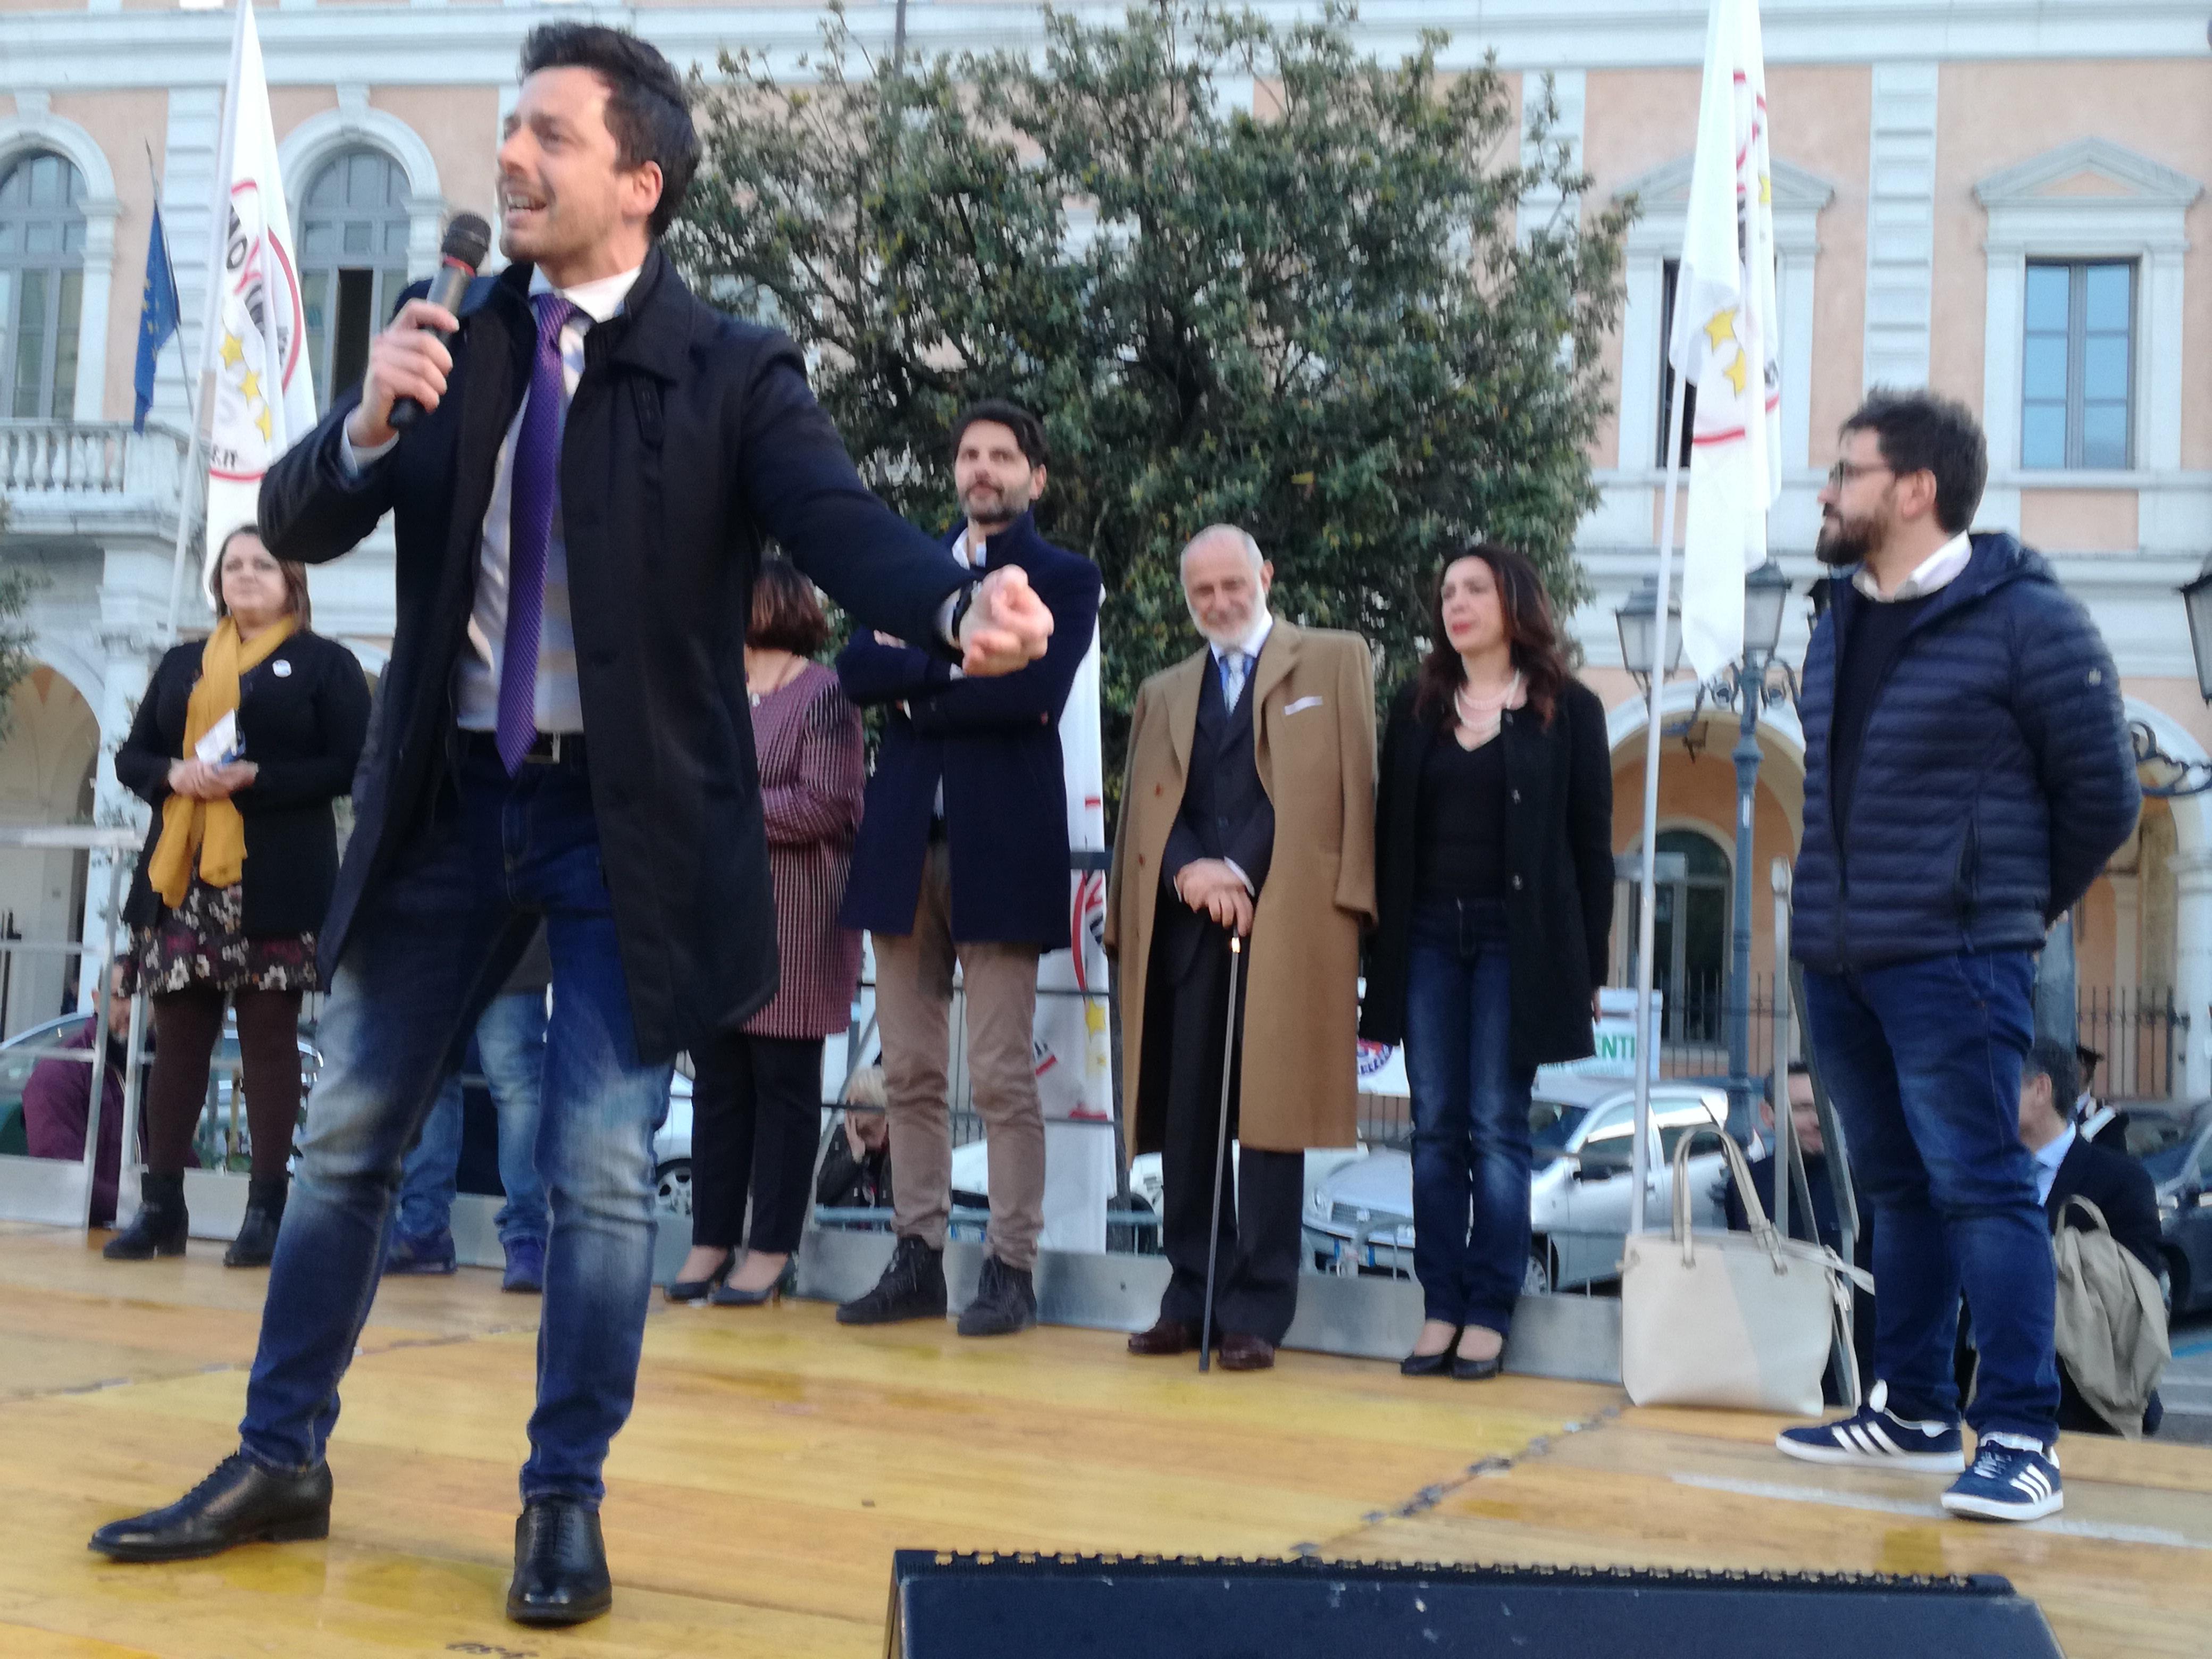 """Consiglio regionale. La maggioranza va sotto, approvata mozione su Alberghiero di Agnone. Greco (M5S): """"Soddisfatto per il risultato tecnico e politico""""."""